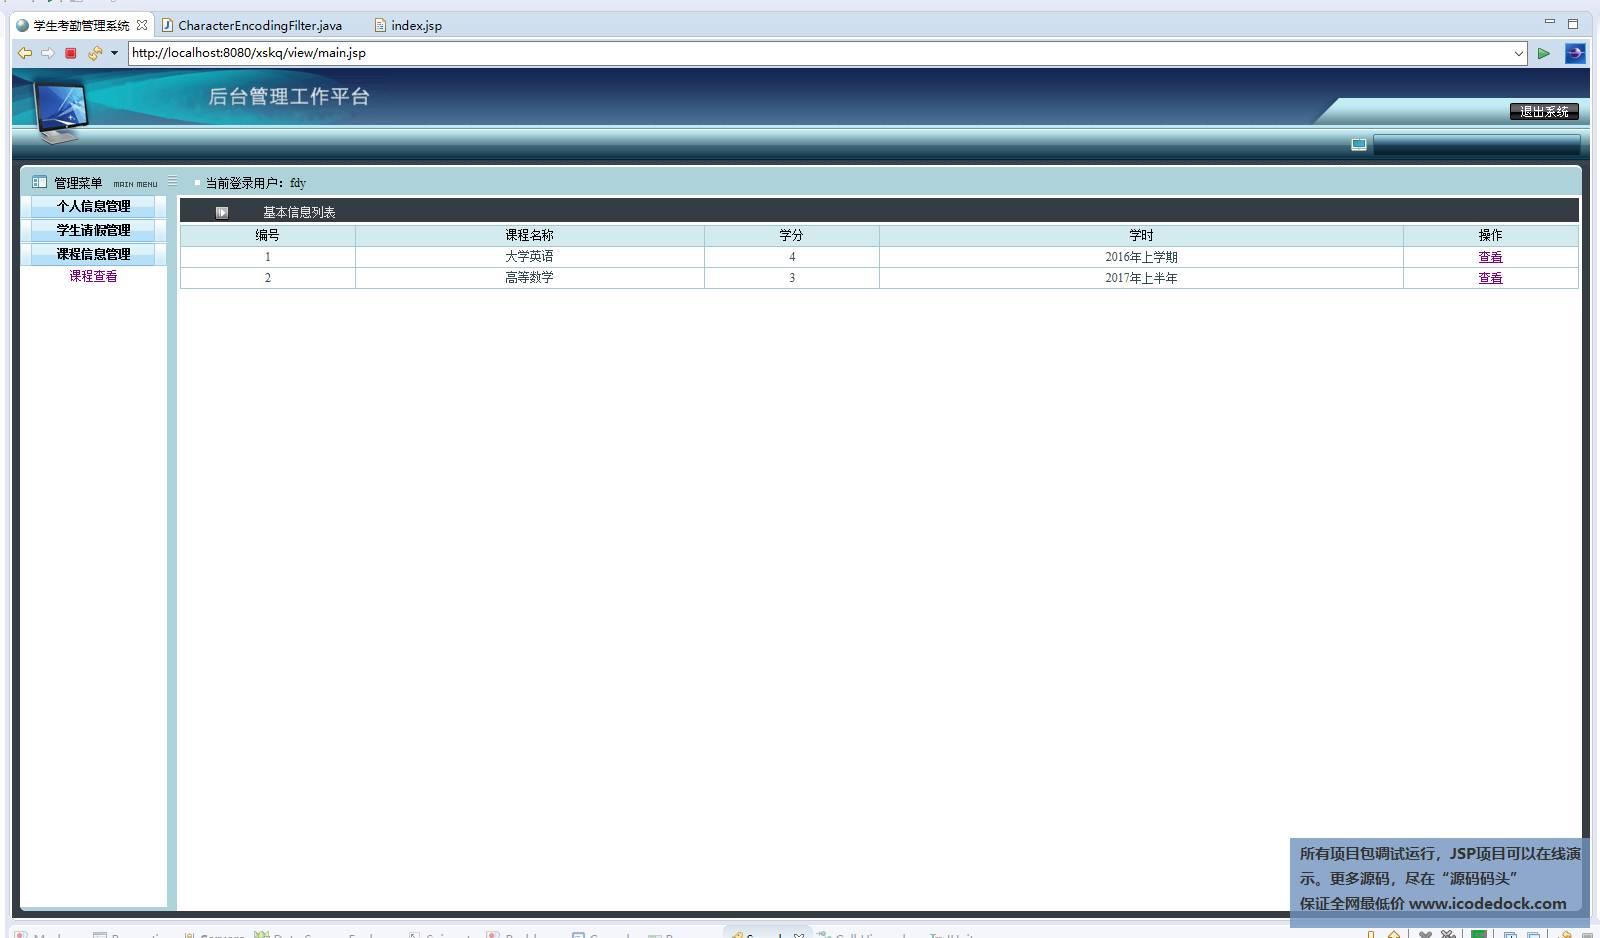 源码码头-JSP学生考勤管理系统-辅导员角色-课程信息管理